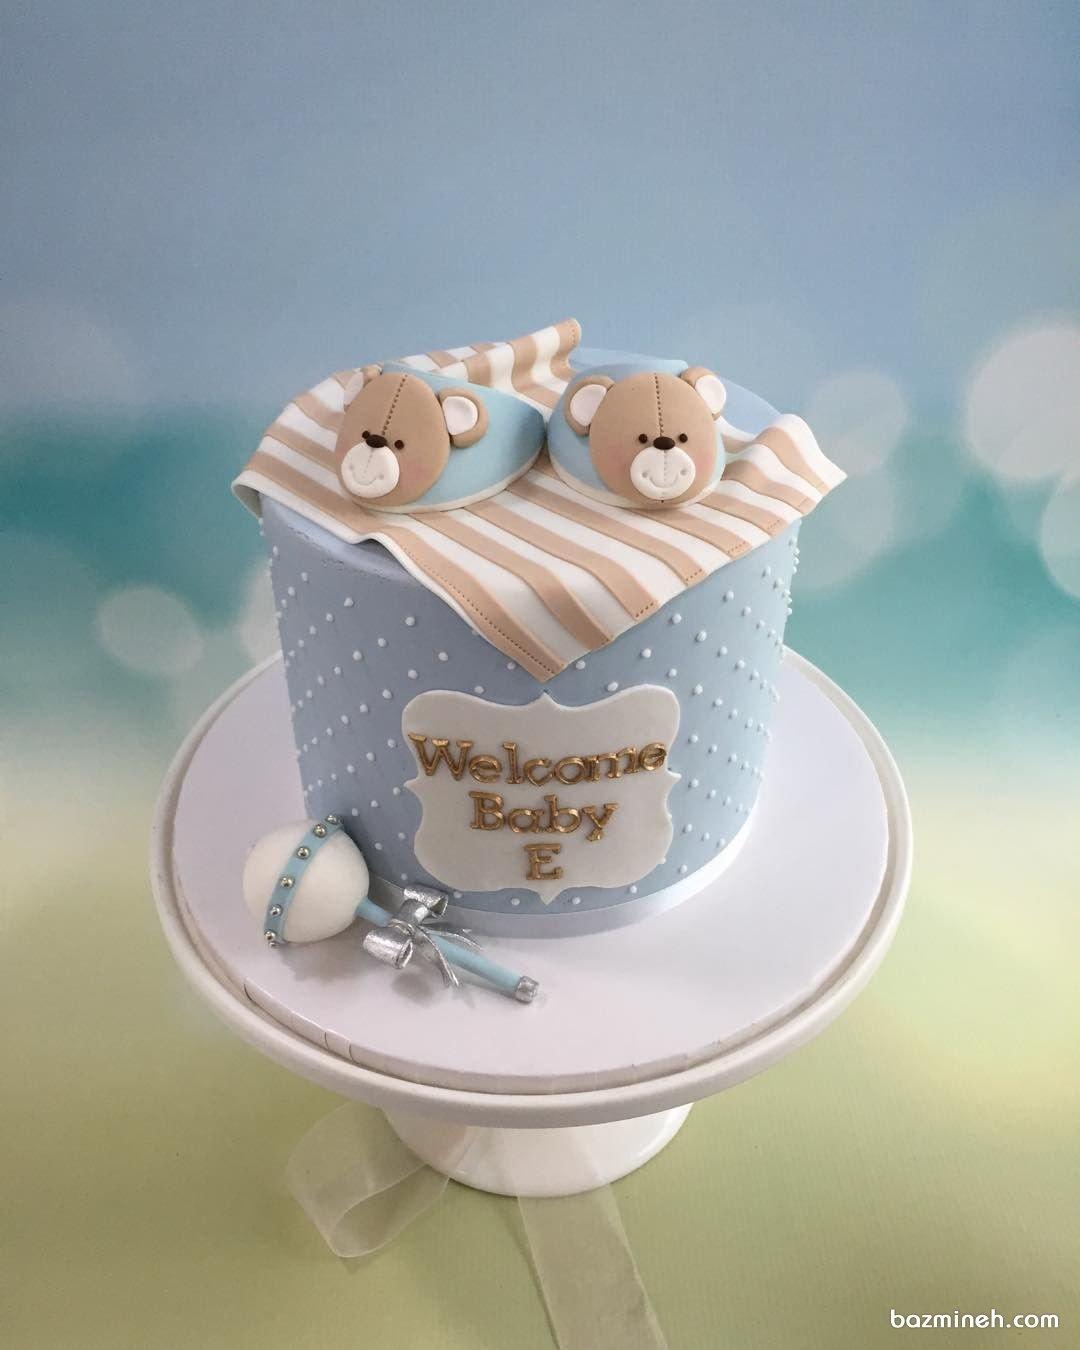 مینی کیک عروسکی جشن تعیین جنسیت یا بیبی شاور پسرونه با تم خرس تدی